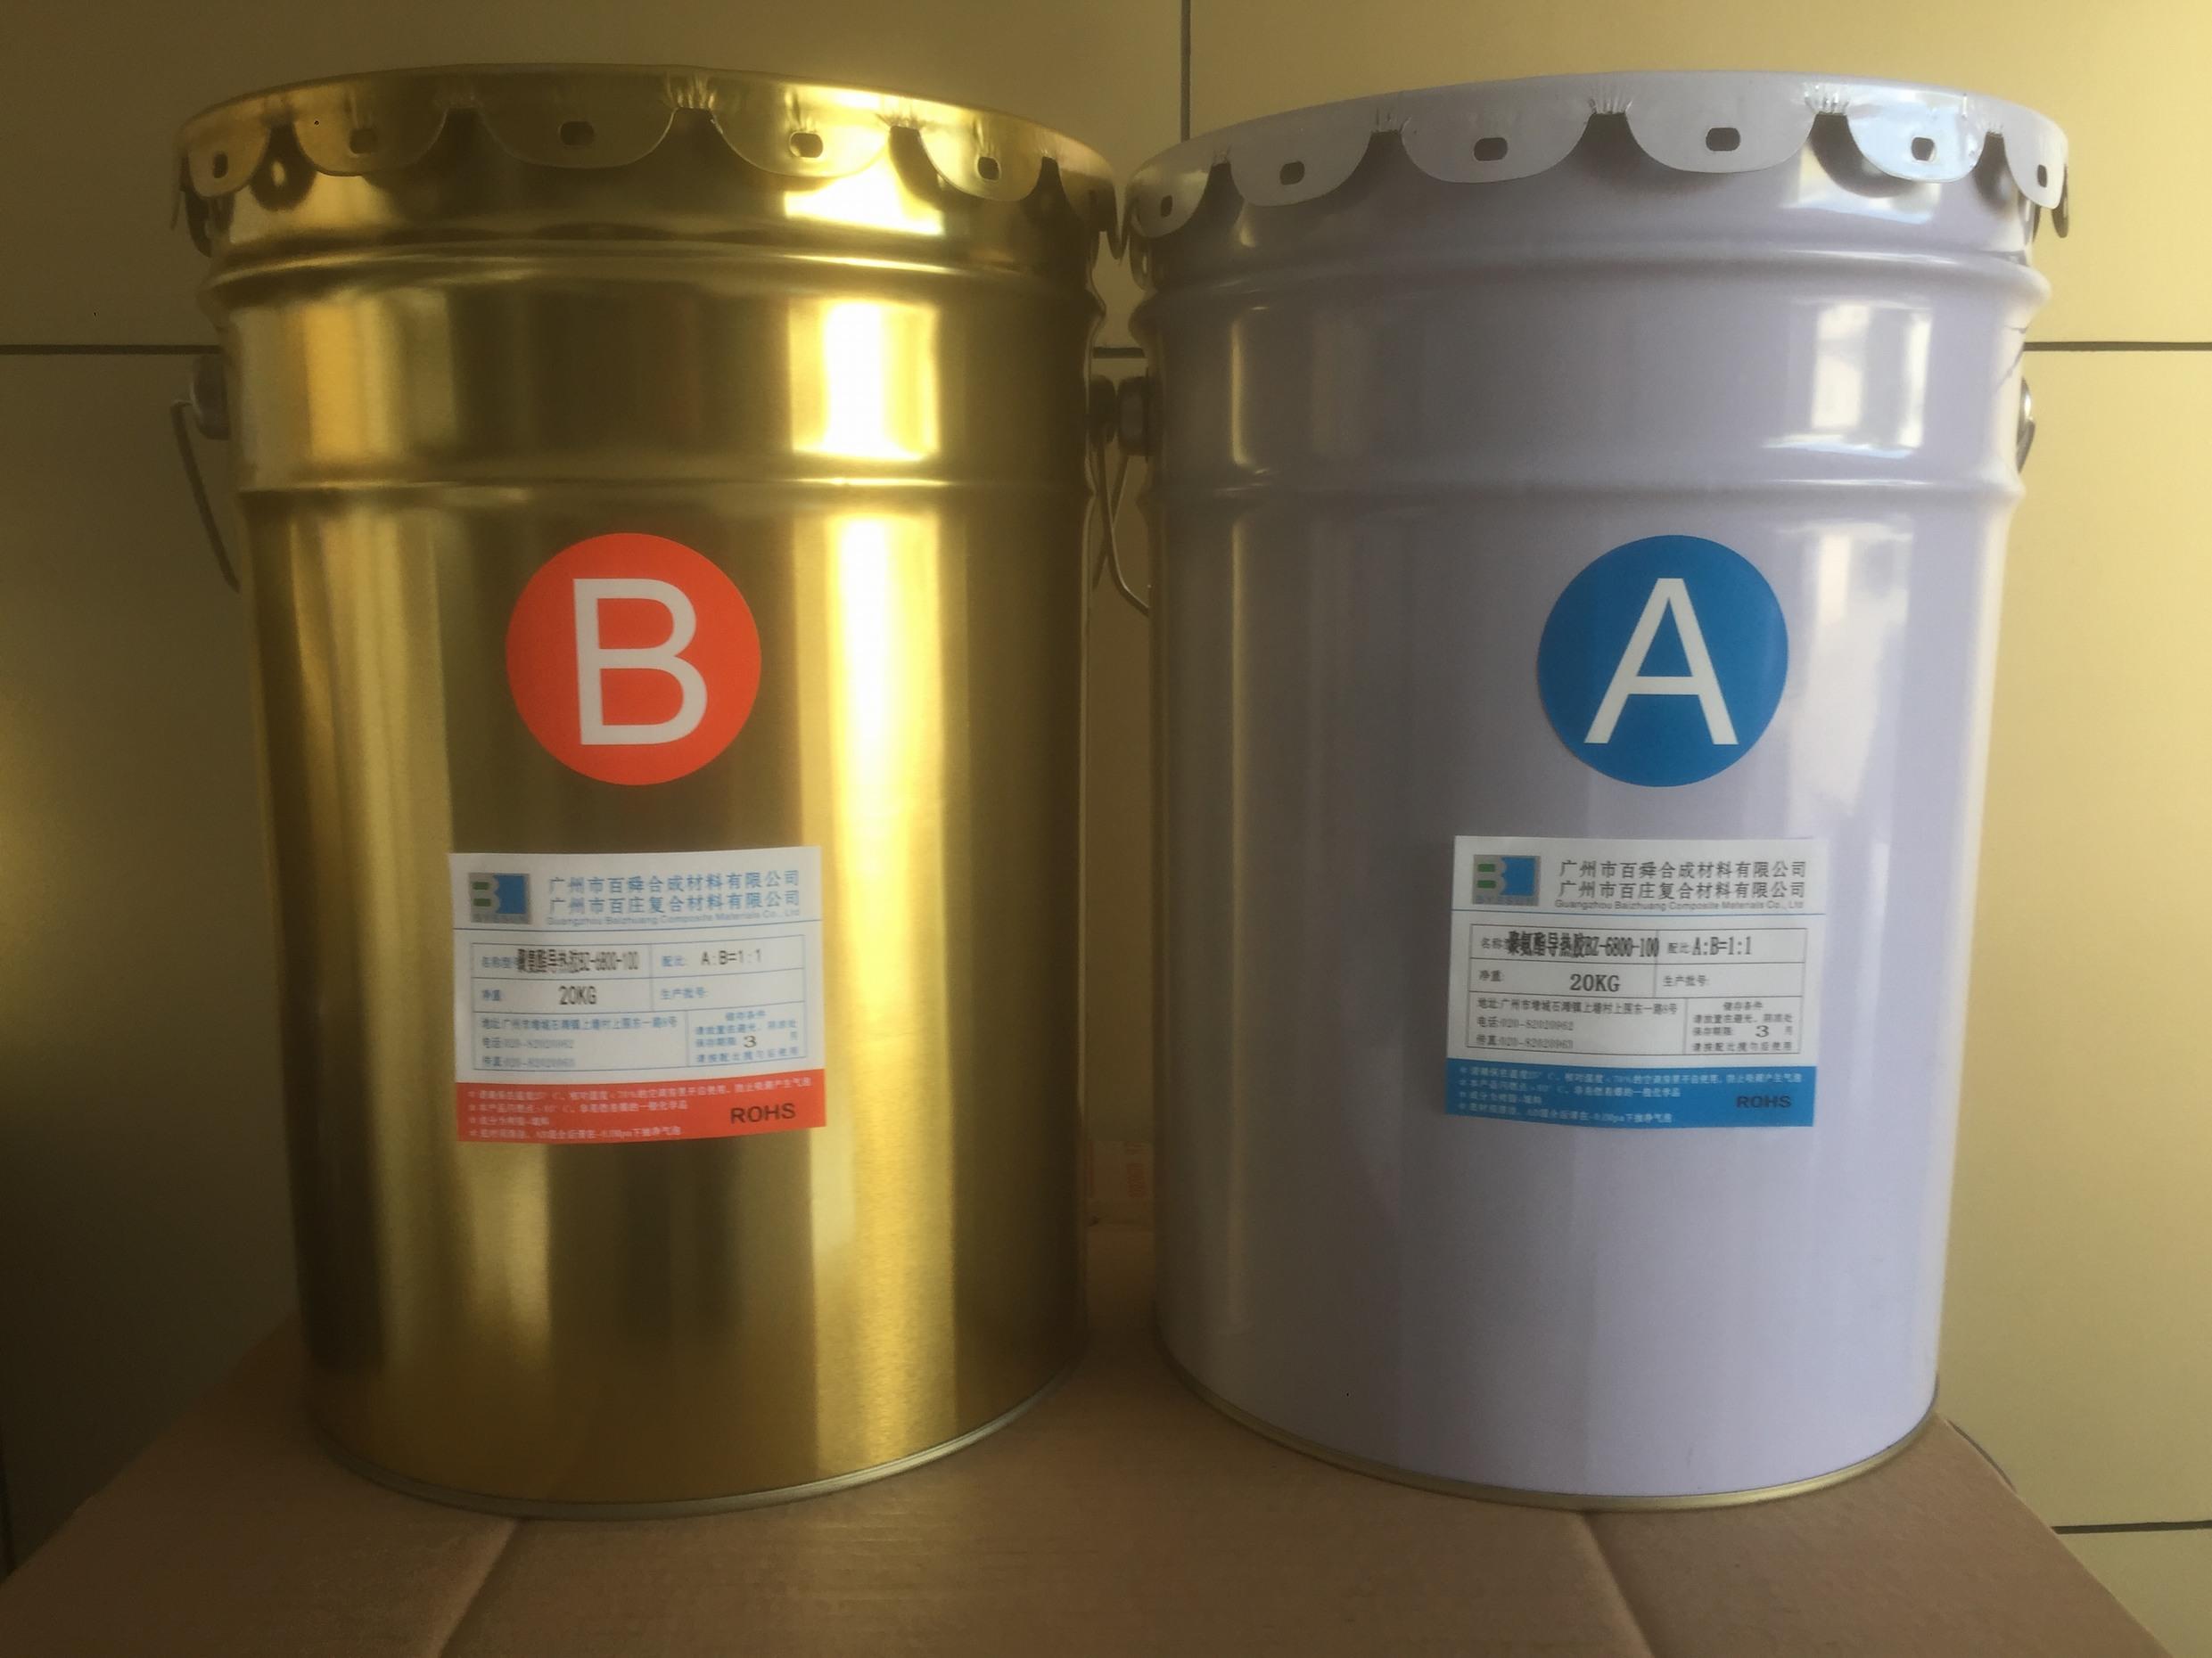 聚氨酯導熱膠BZ-6800-100